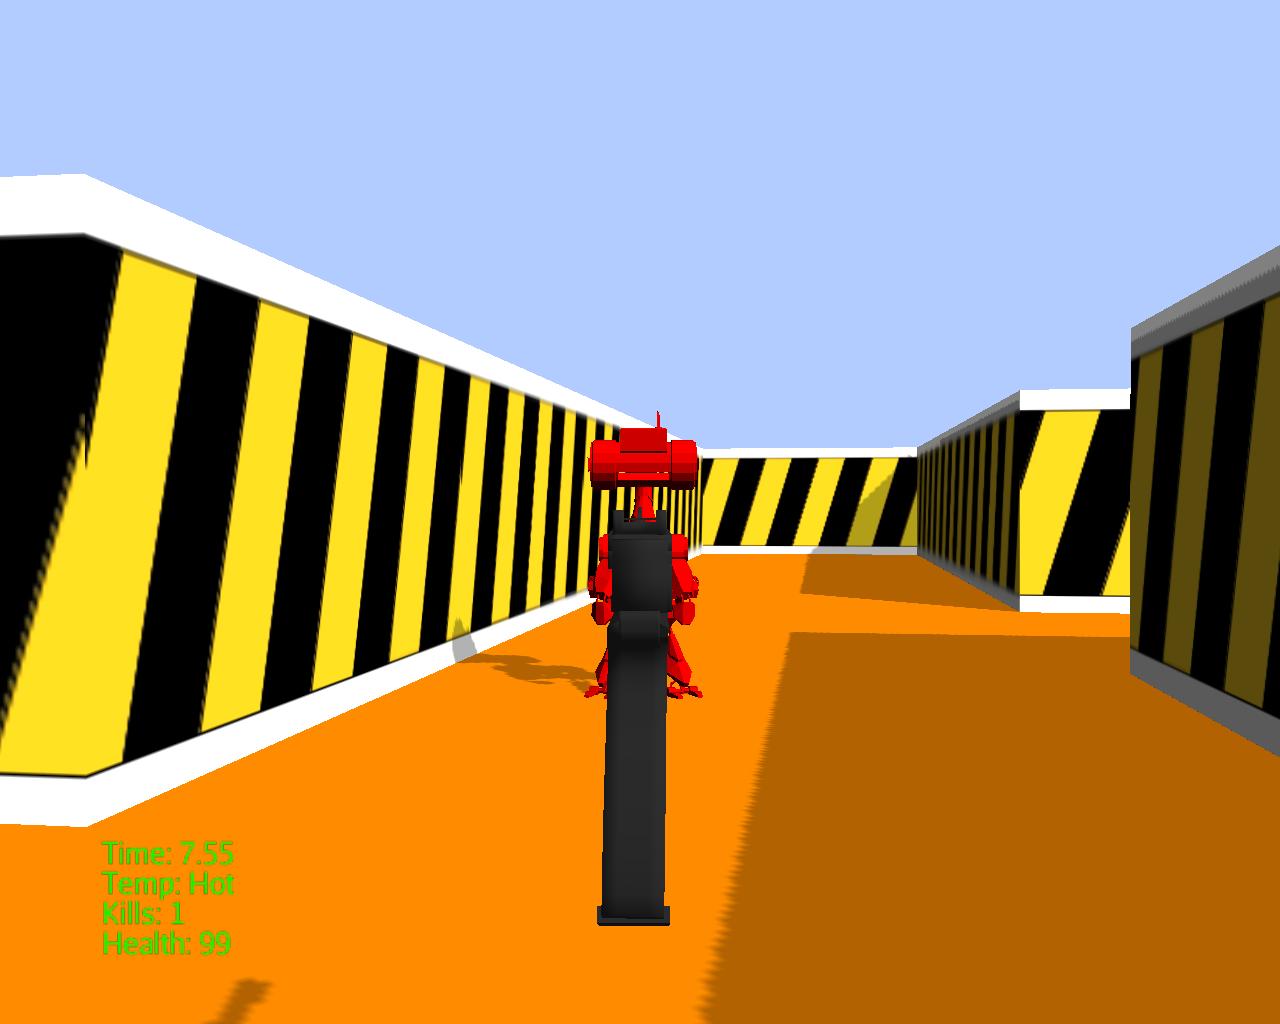 maze game shot 2